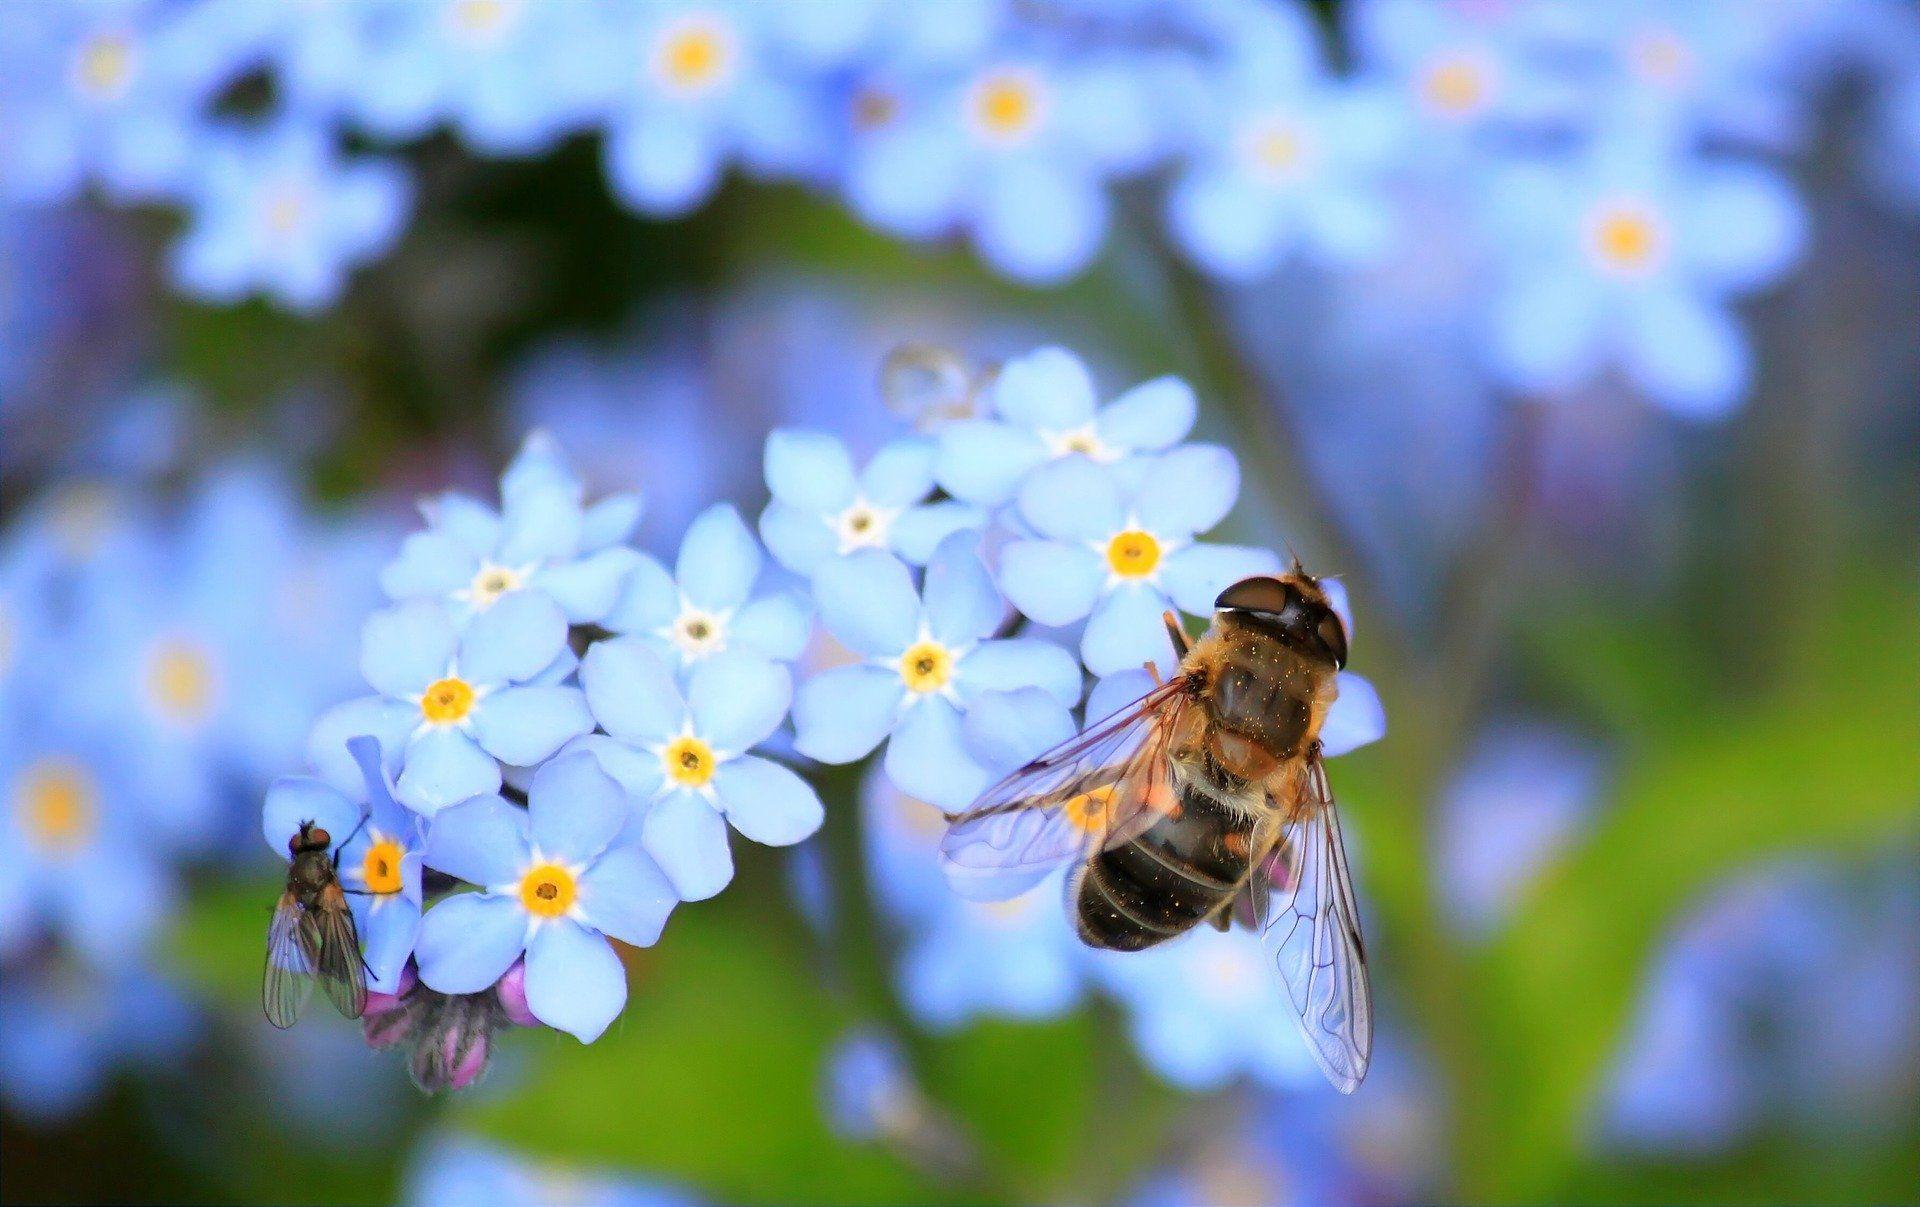 Фото пчелы для тех, кто не видит, как выглядит пчела